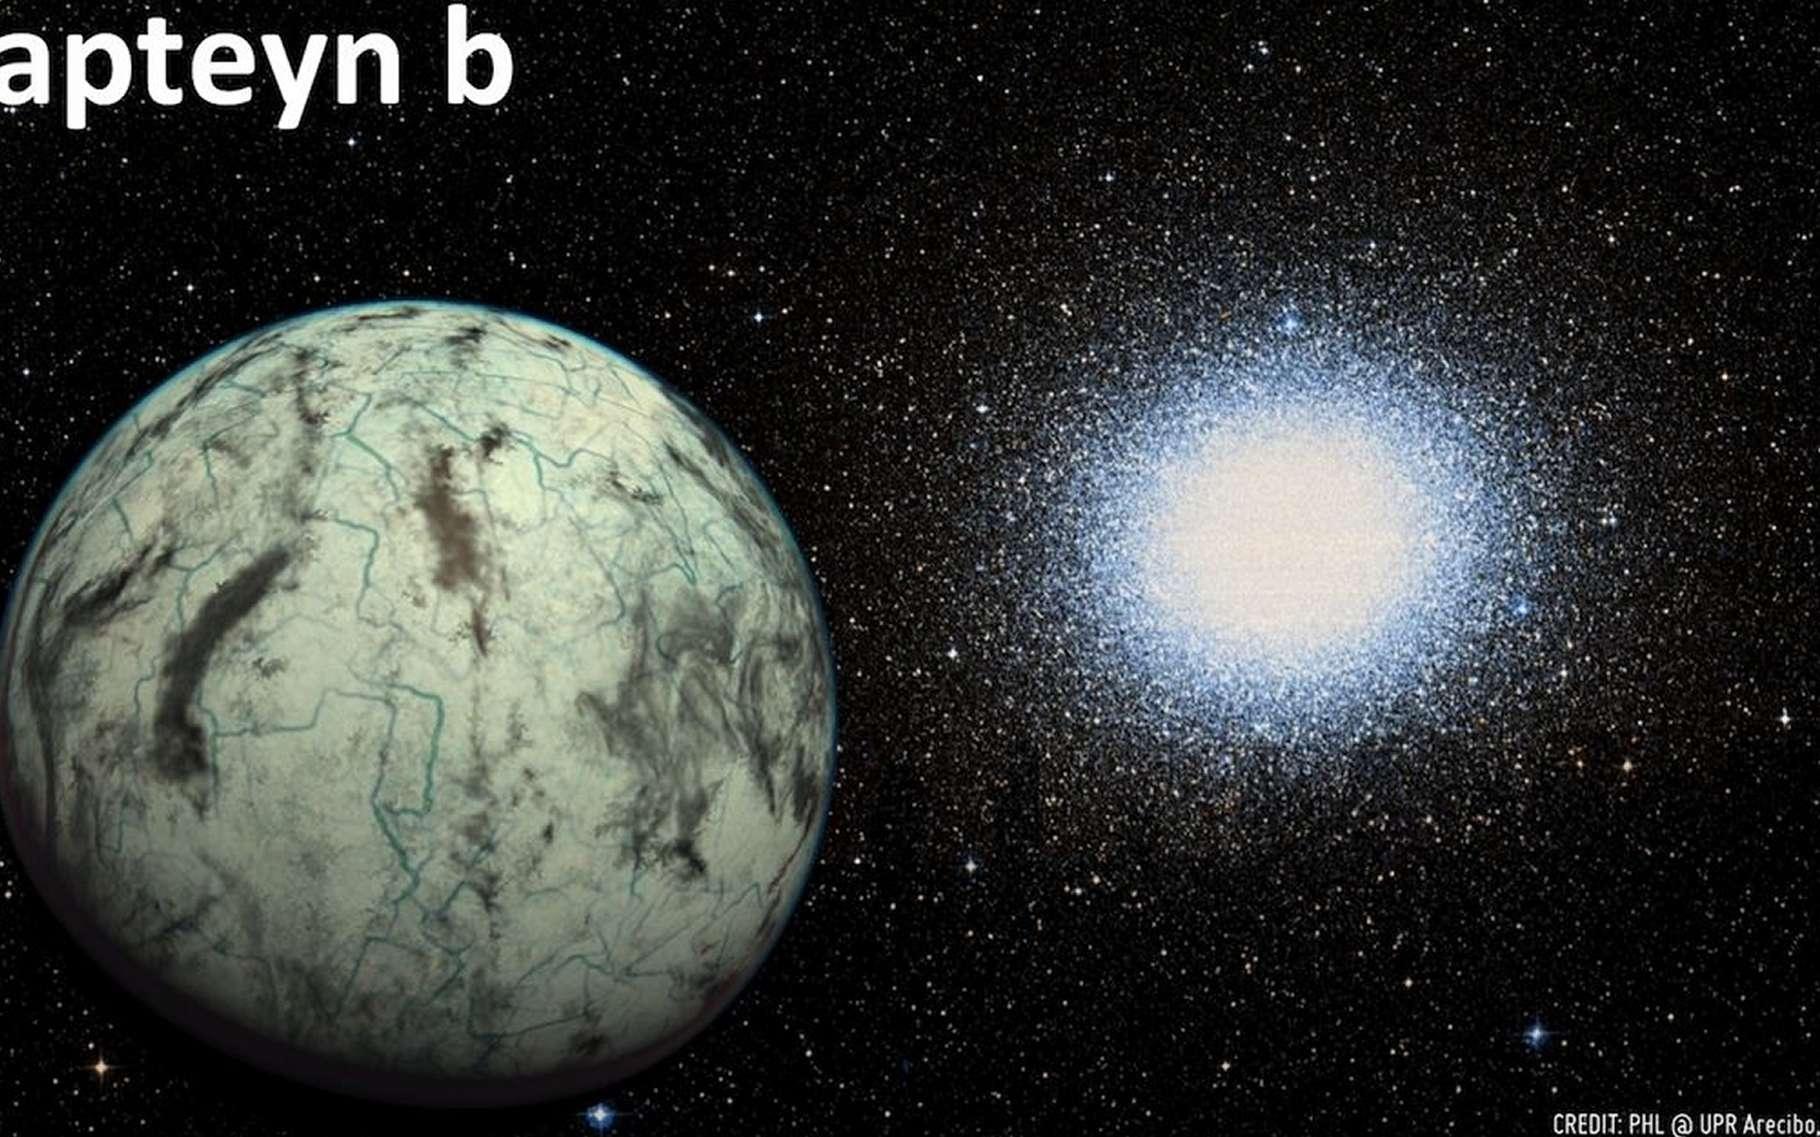 Potentiellement habitable et considérée comme la plus ancienne planète connue, la superterre Kapteyn b (ici dans un dessin d'artiste) est en orbite autour de la naine rouge Kapteyn. L'étoile Omega du Centaure occupe l'arrière-plan. Les instruments de la nouvelle génération permettront d'étudier les atmosphères de telles exoplanètes pour y déceler des molécules liées à la vie telle que nous la connaissons. Mais la quantité de données à analyser sera énorme. © PHL, UPR Arecibo, Aladin Sky Atlas